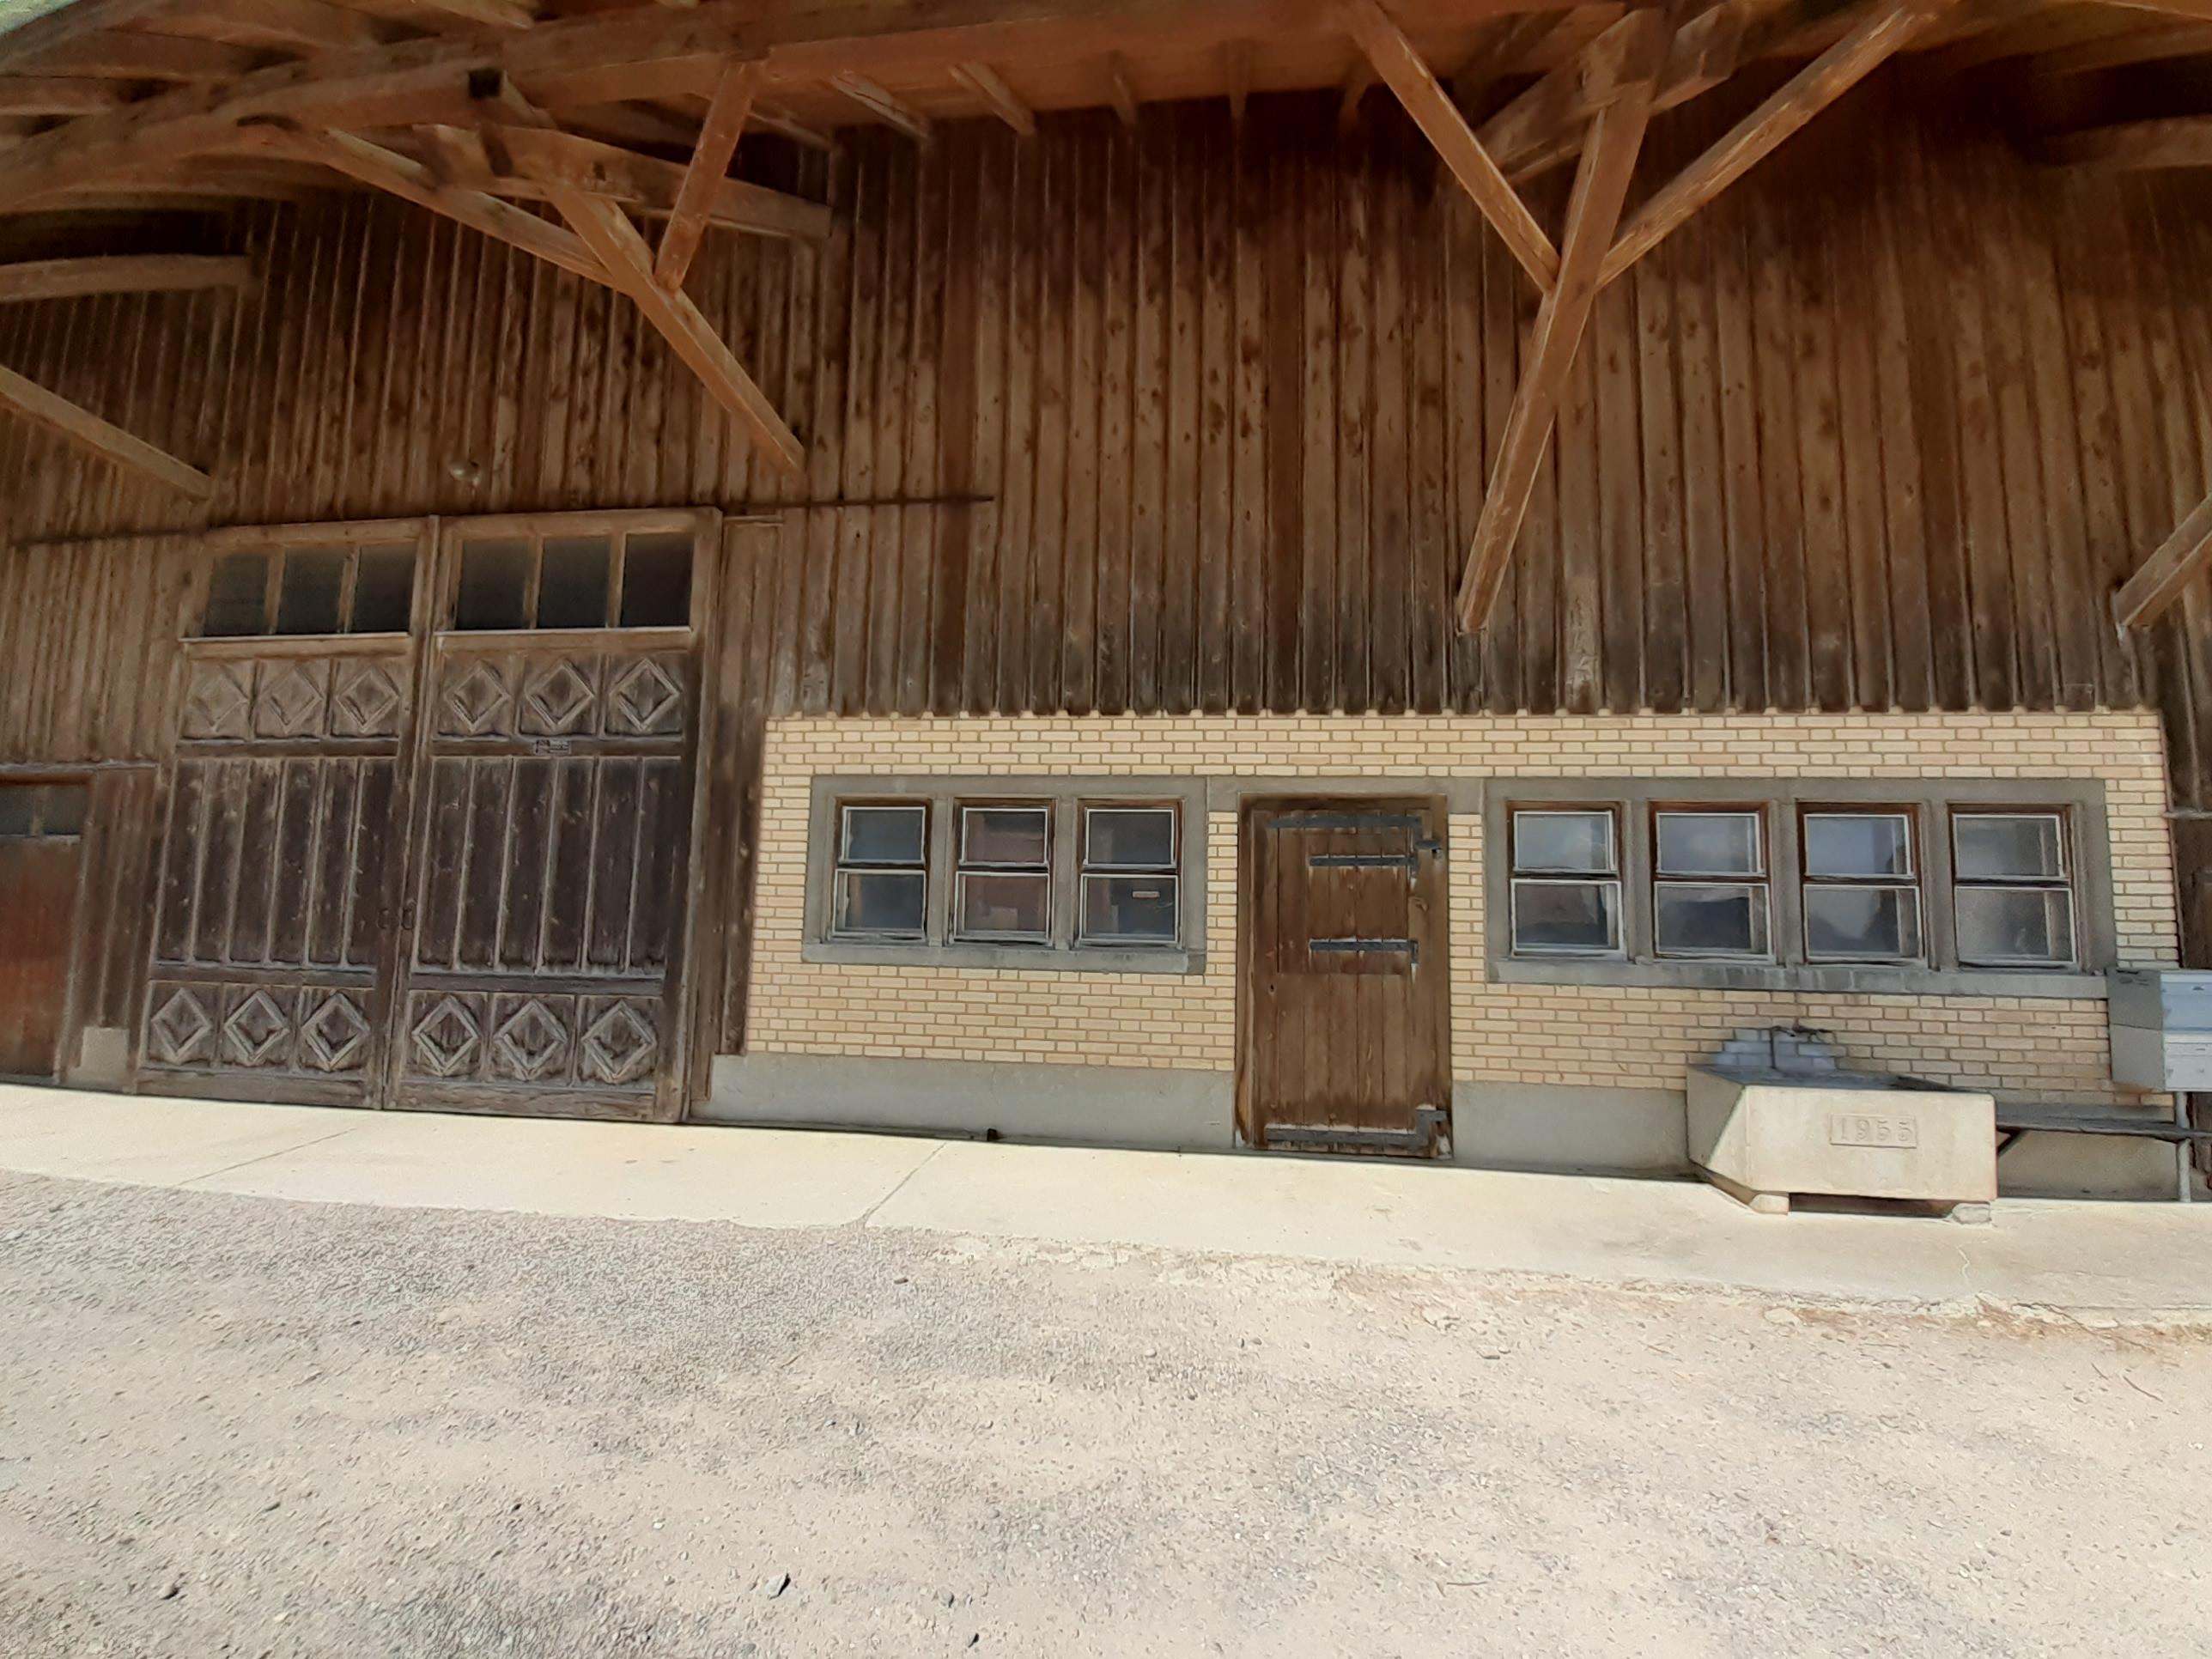 Die Zimmerei Holz-Werke.ch in Kirchberg SG führt Holzbau-Arbeiten in der Region Wil und Toggenburg asu.